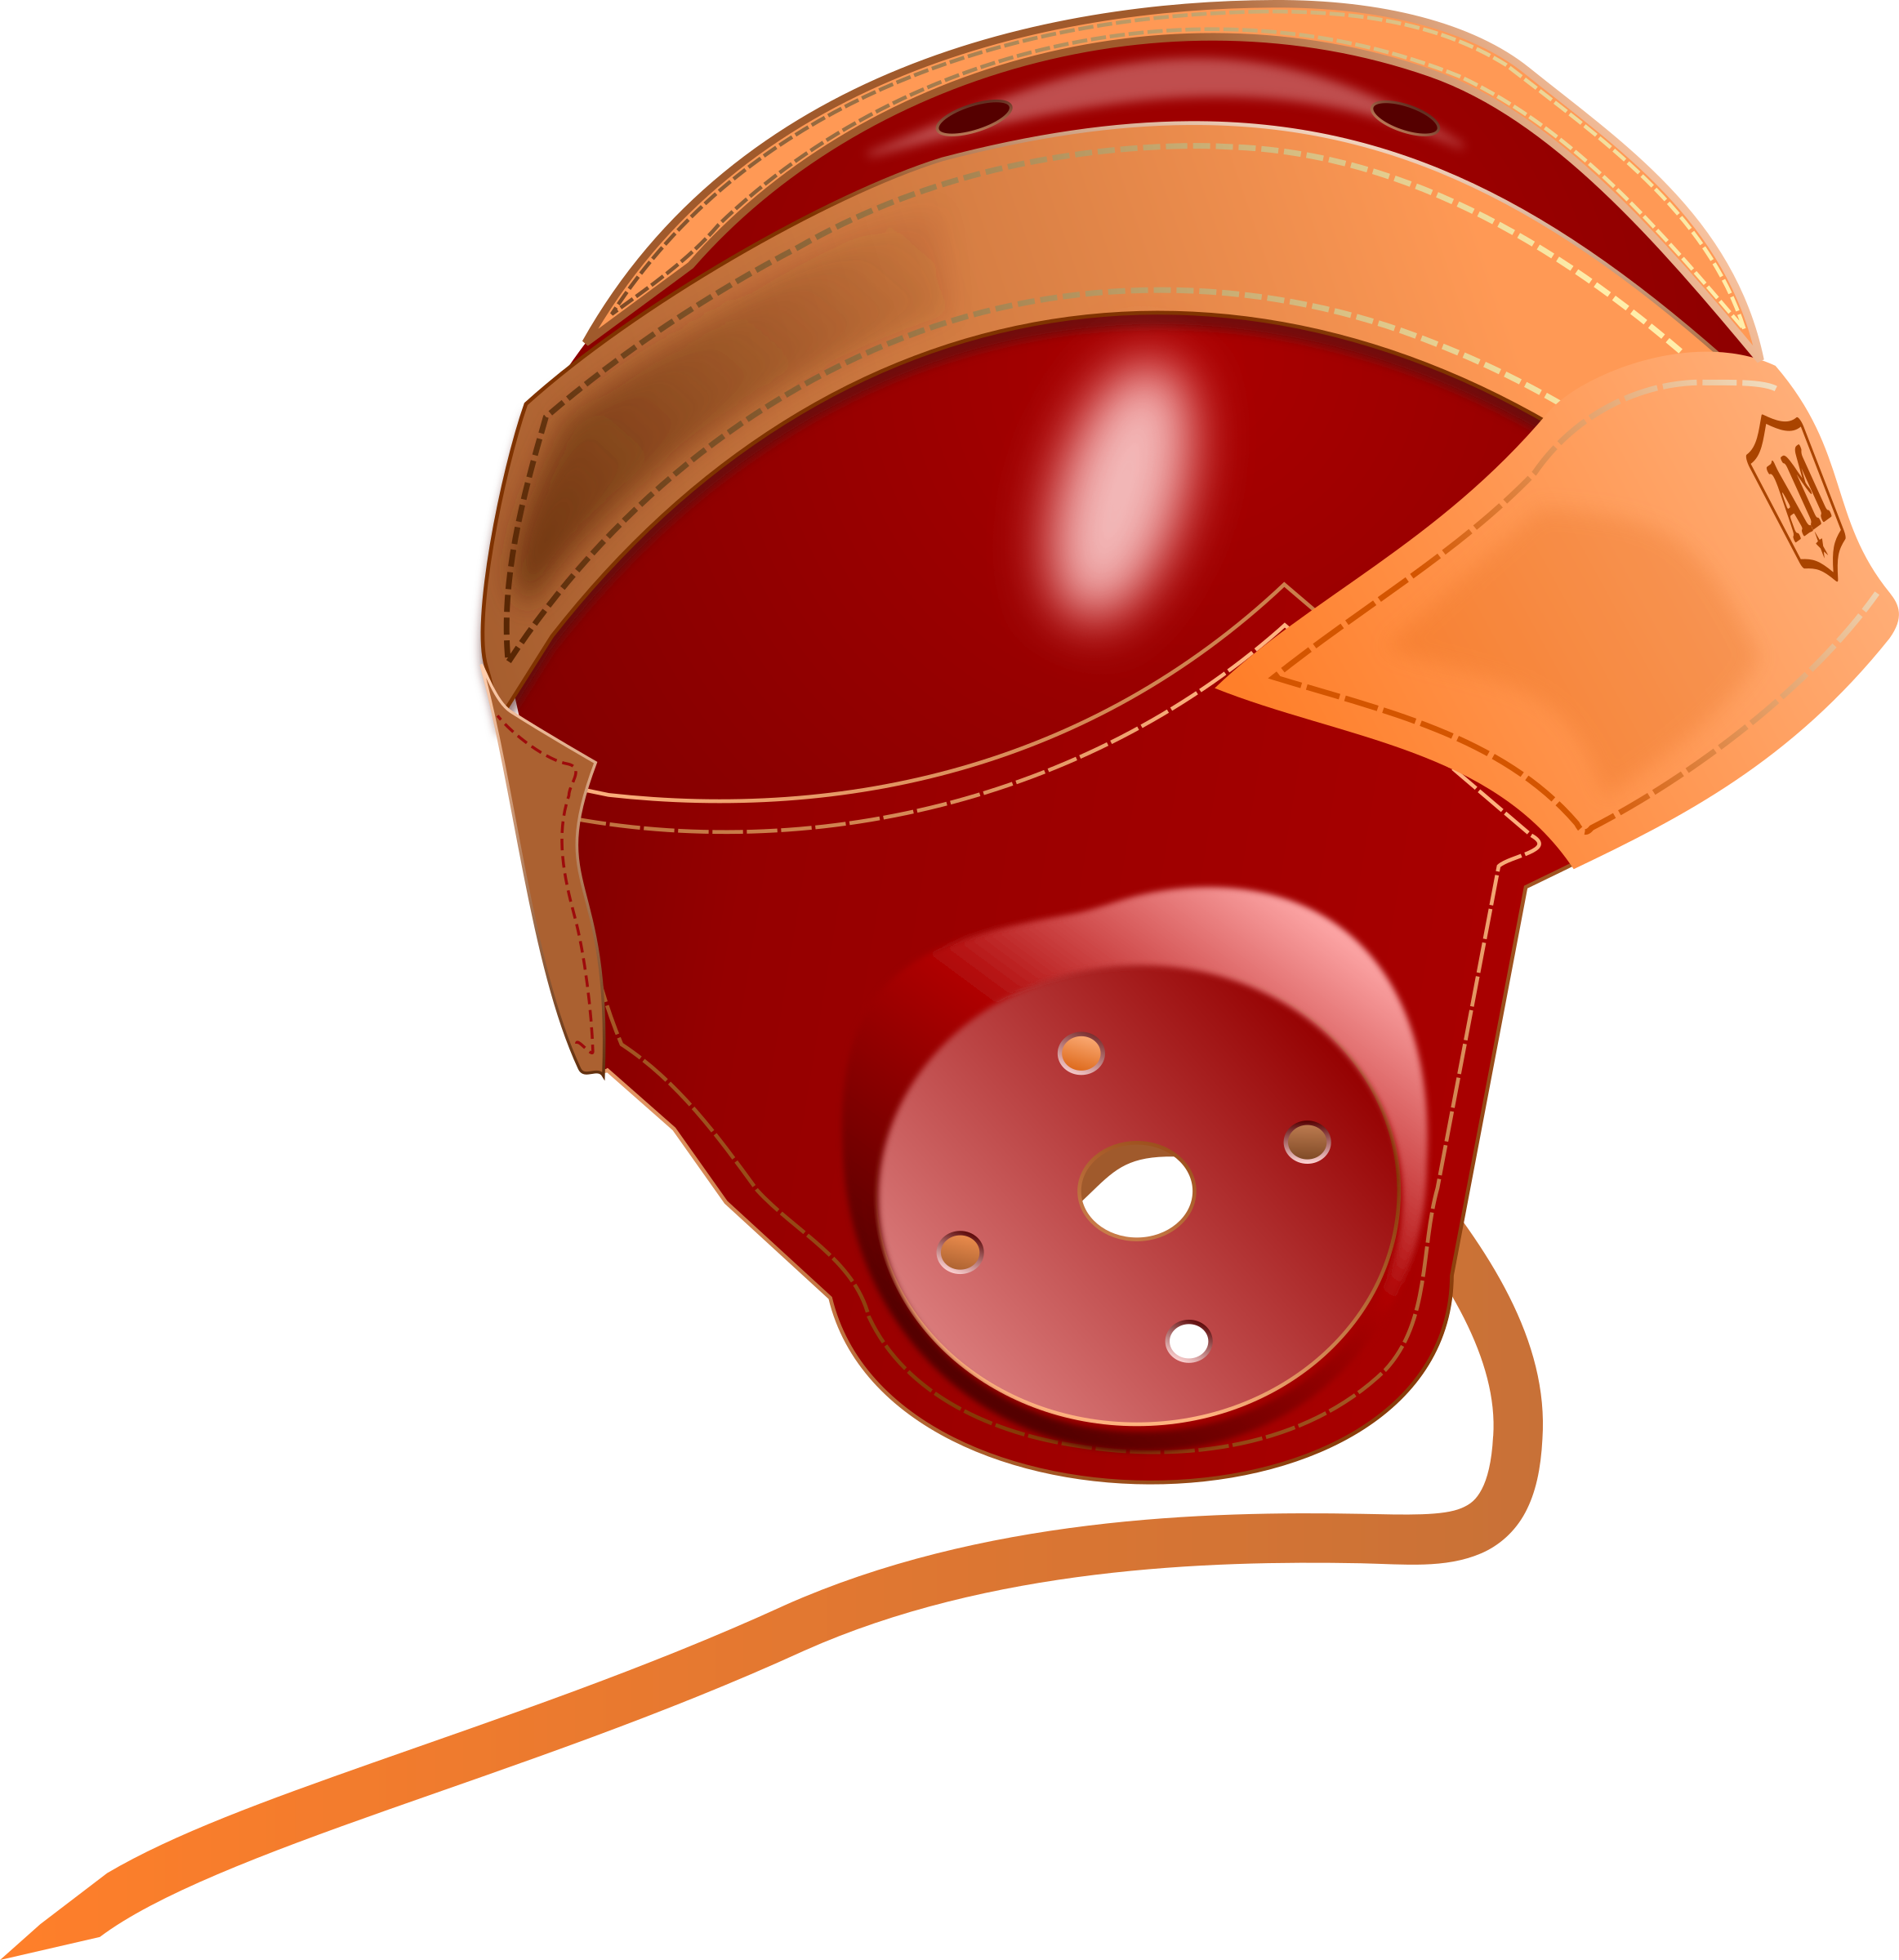 Helmet clipart orange. Vintage s leather football